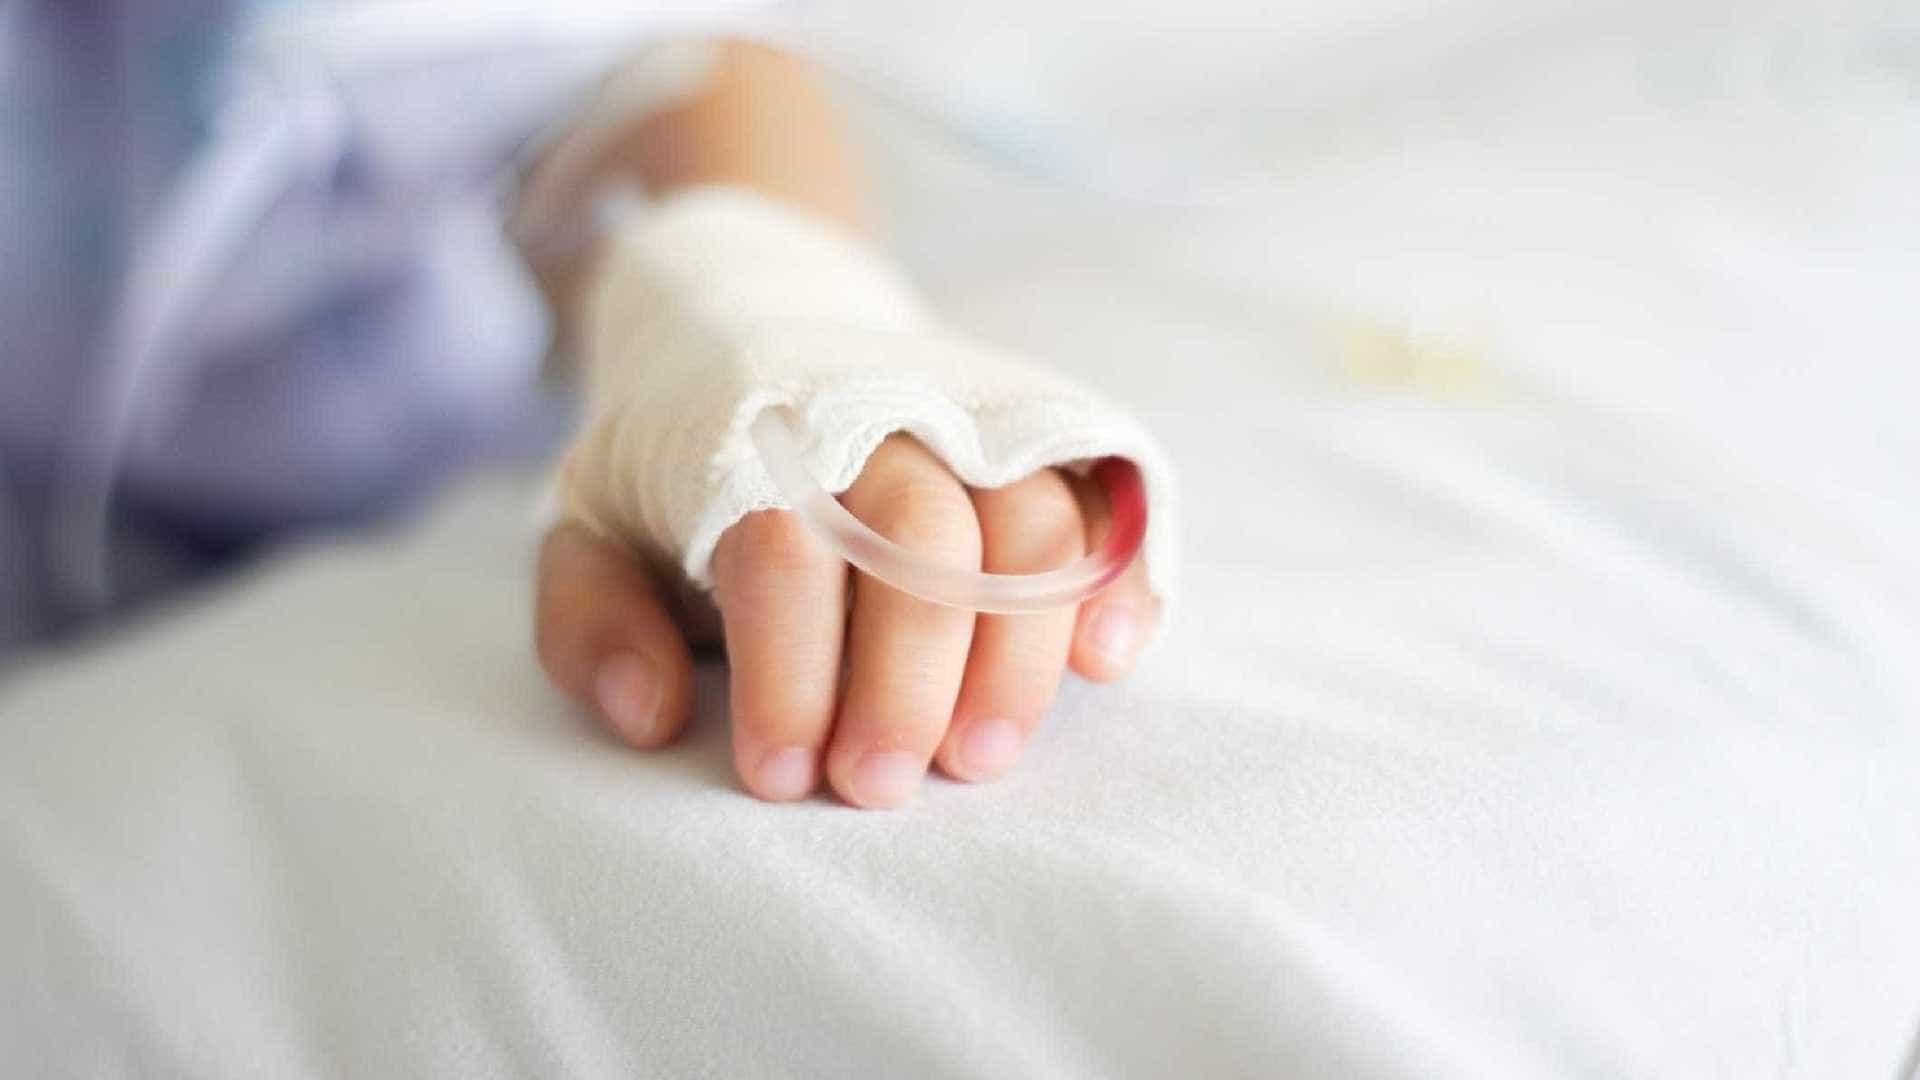 18 crianças morrem por desnutrição em hospital na Venezuela